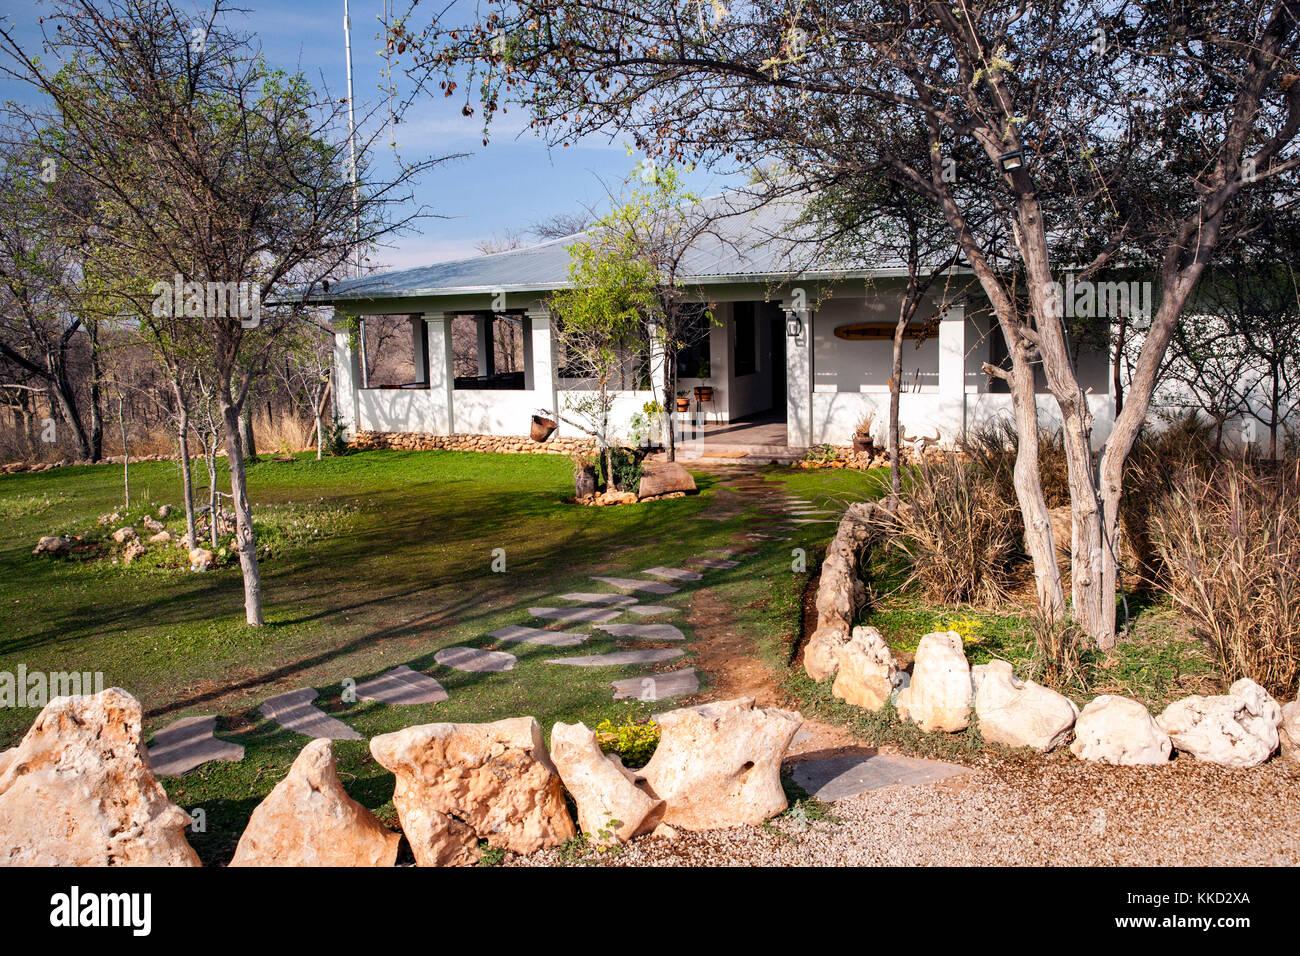 Réception à tamboti camping de luxe, onguma game reserve, la Namibie, l'Afrique Banque D'Images